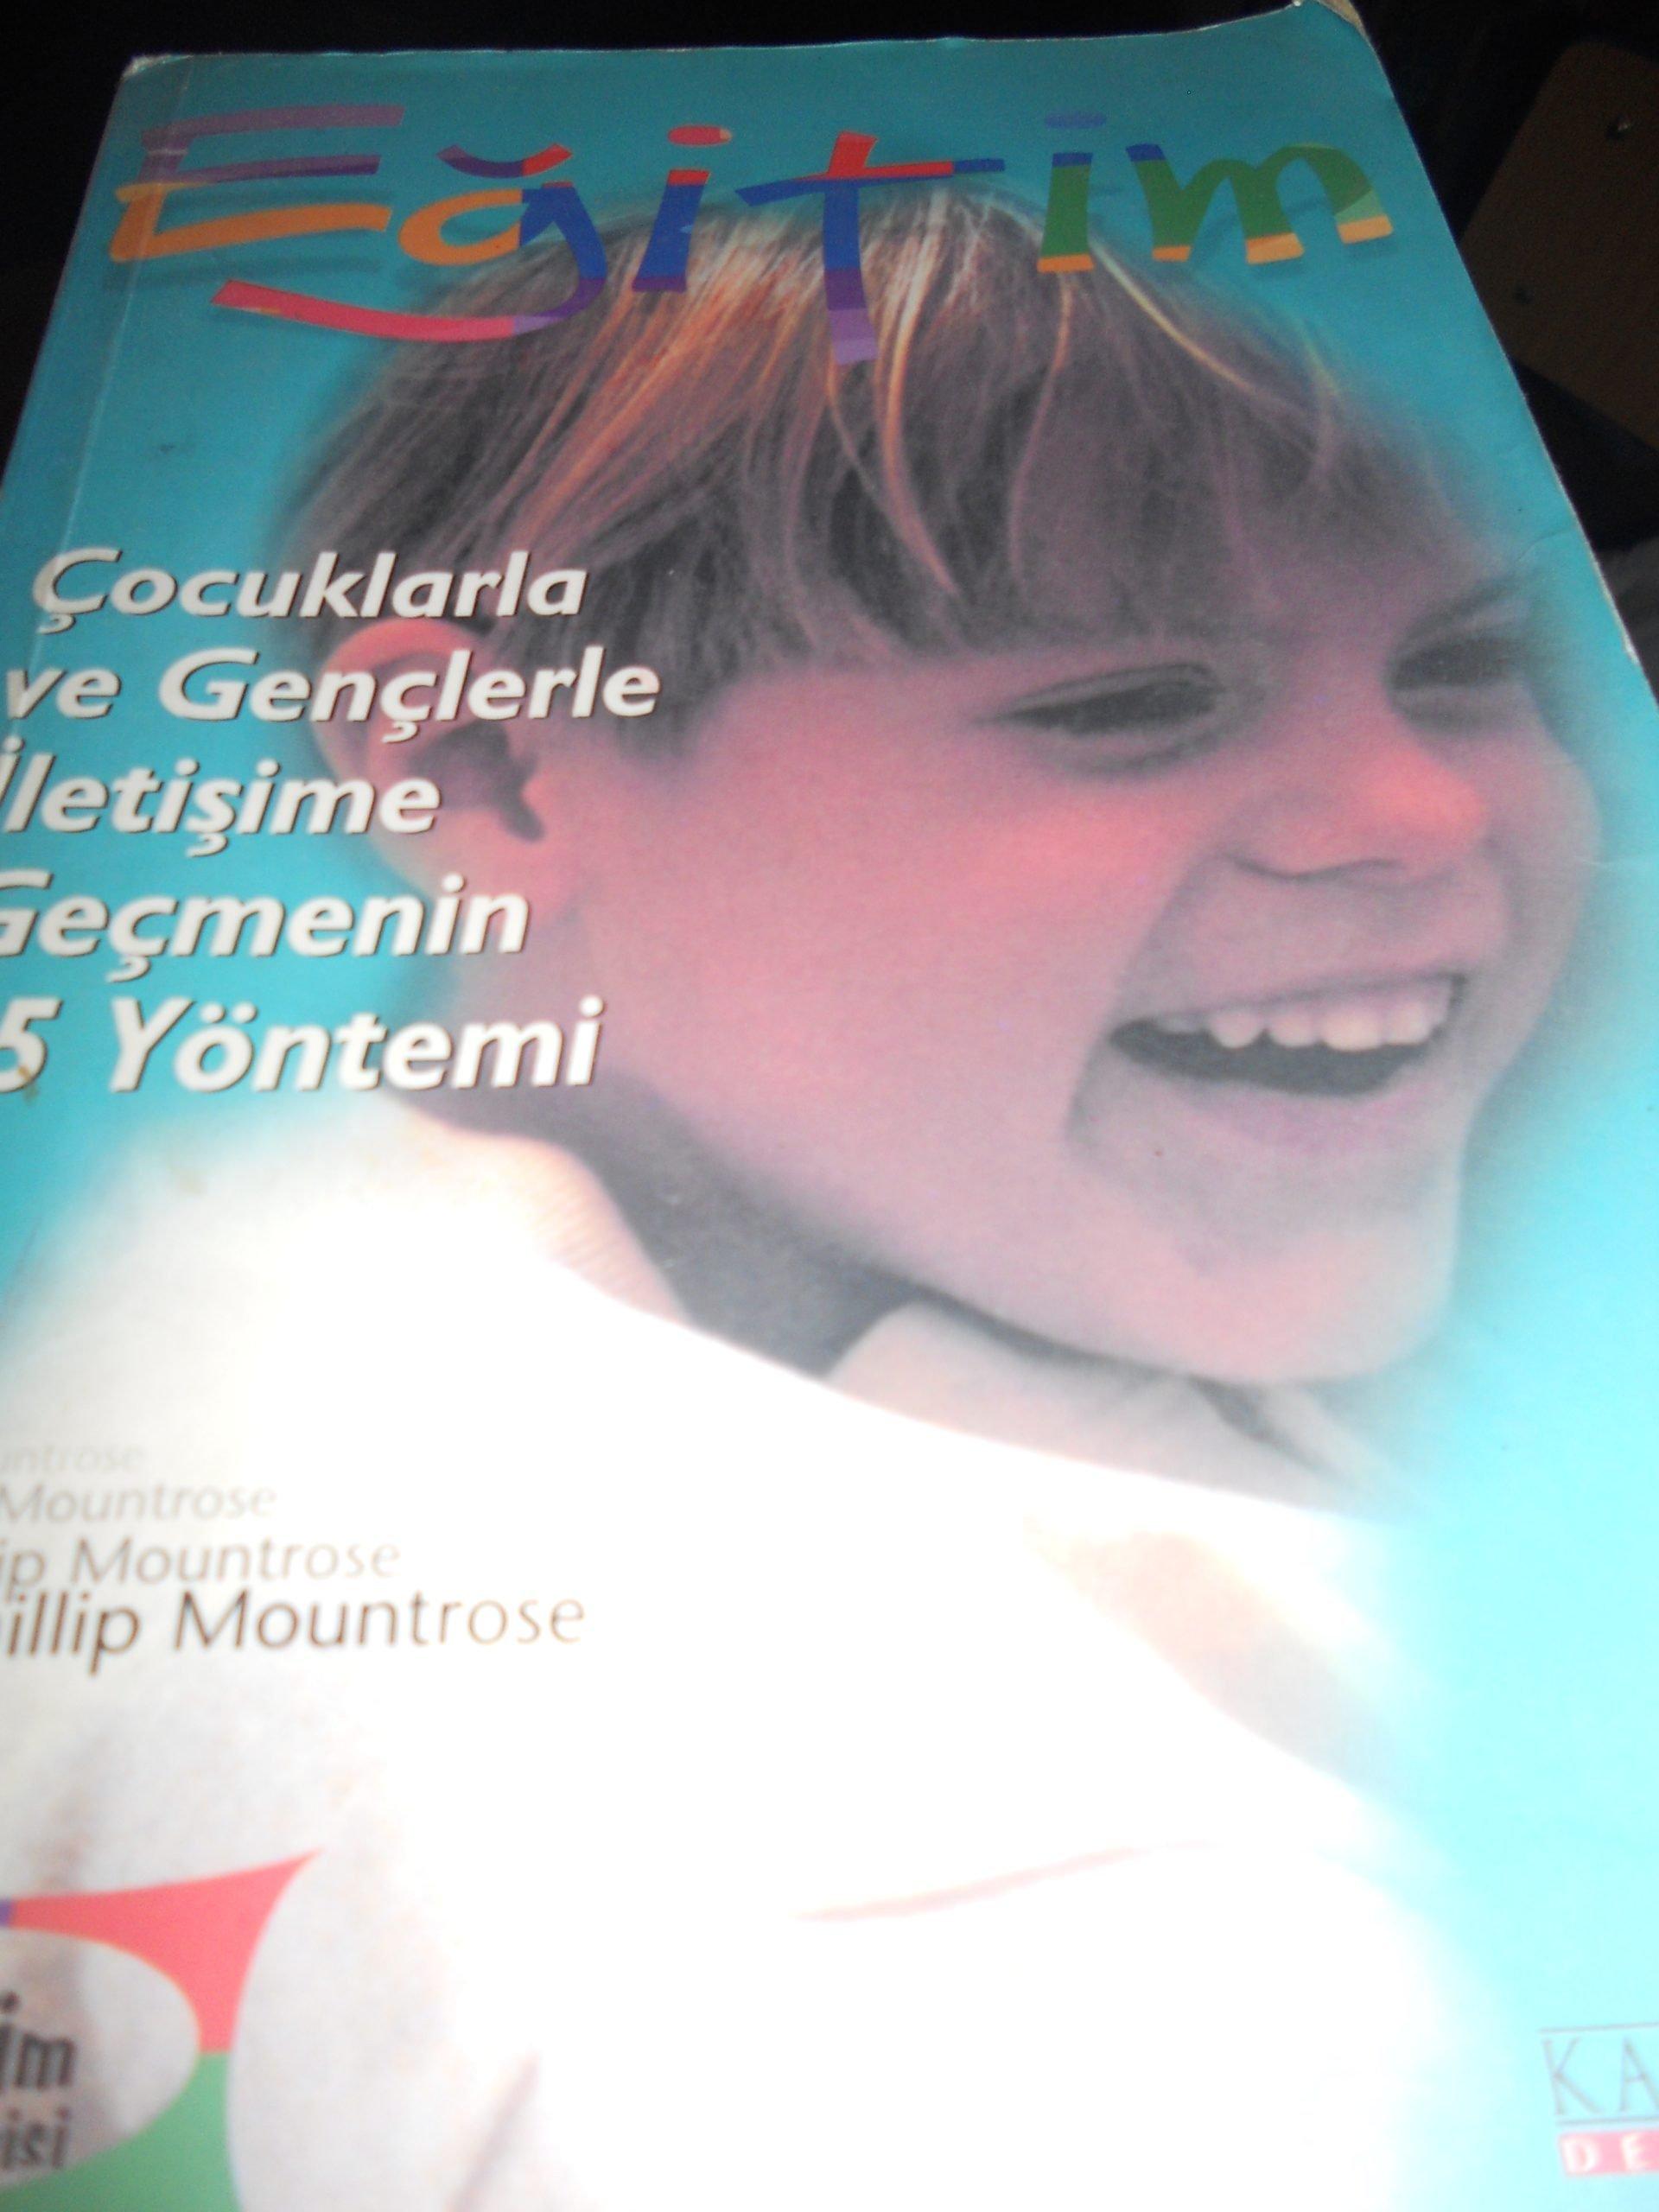 EĞİTİM-Çocuklarla ve Gençlerle İletişime Geçmenin 5 Yöntemi/Phillip MOUNTRASSE/ 10 TL